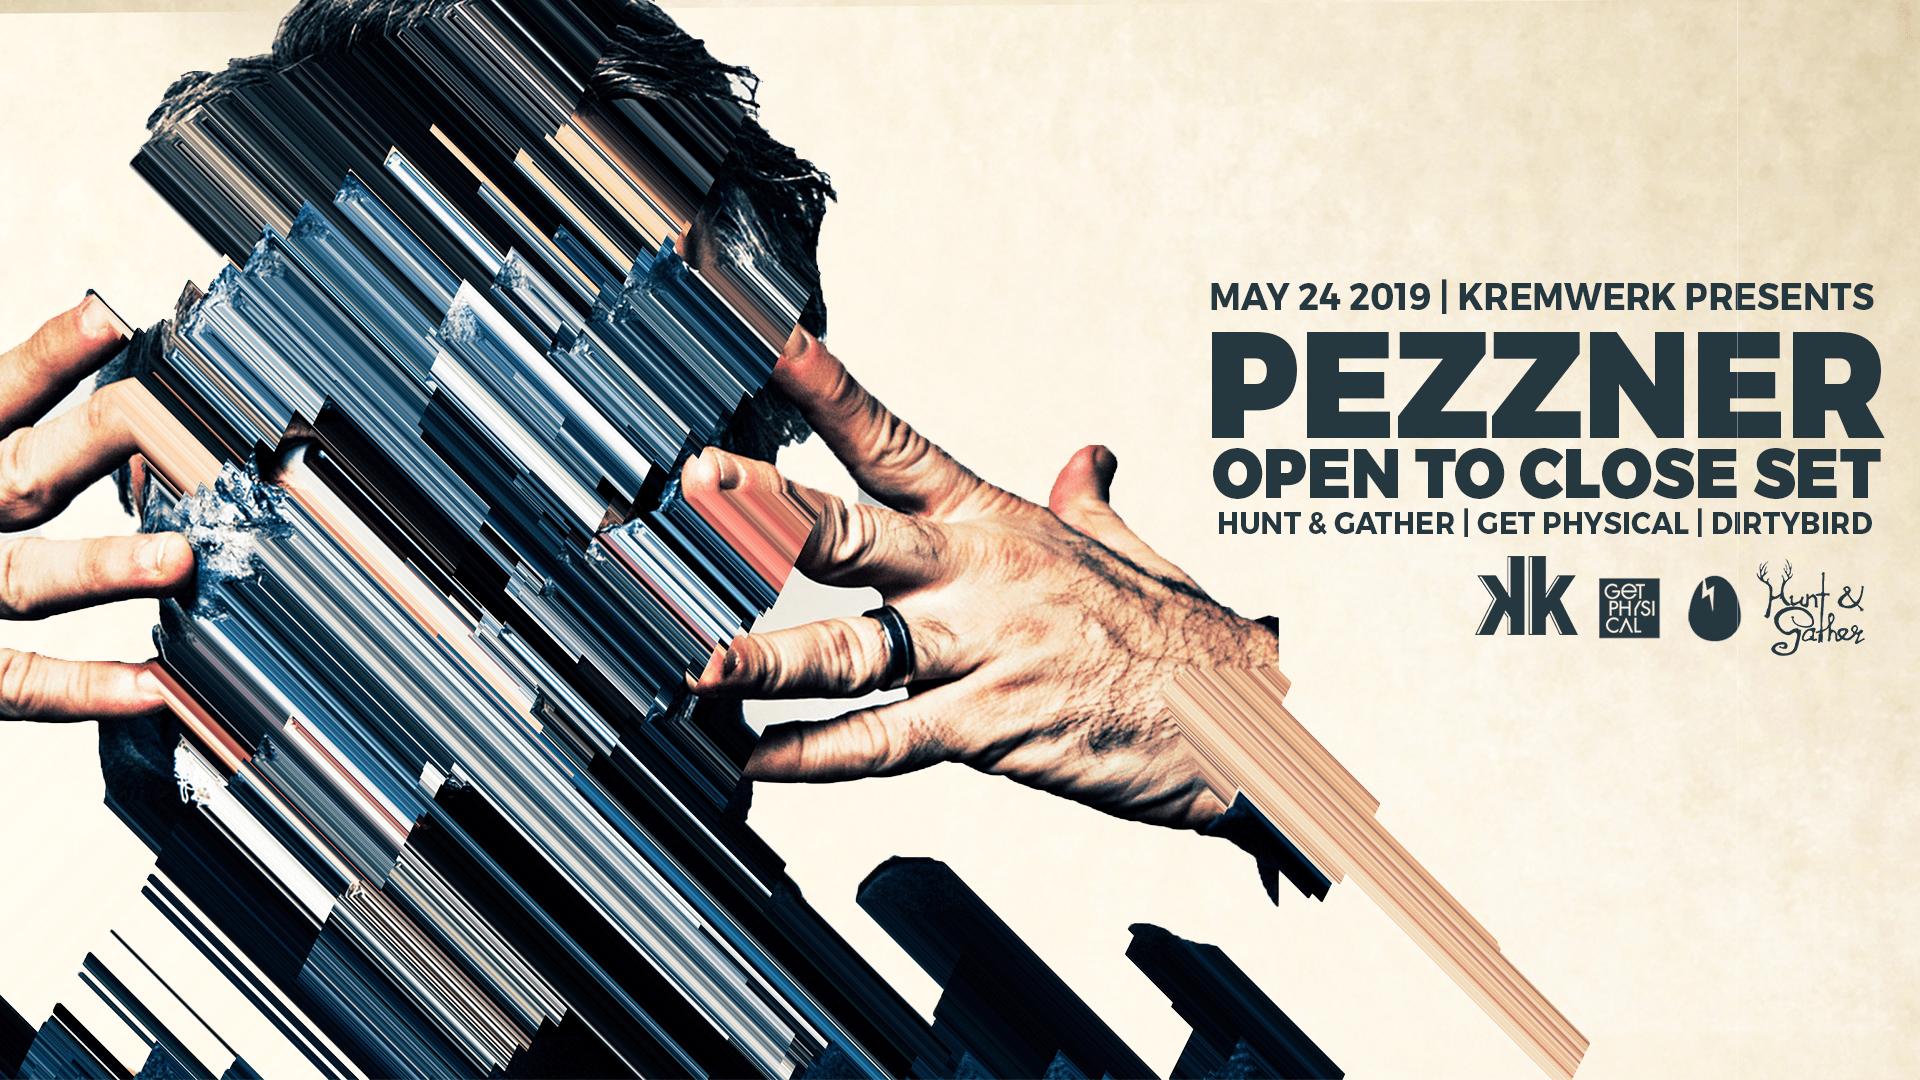 Pezzner Kremwerk FB Event Banner 01.png